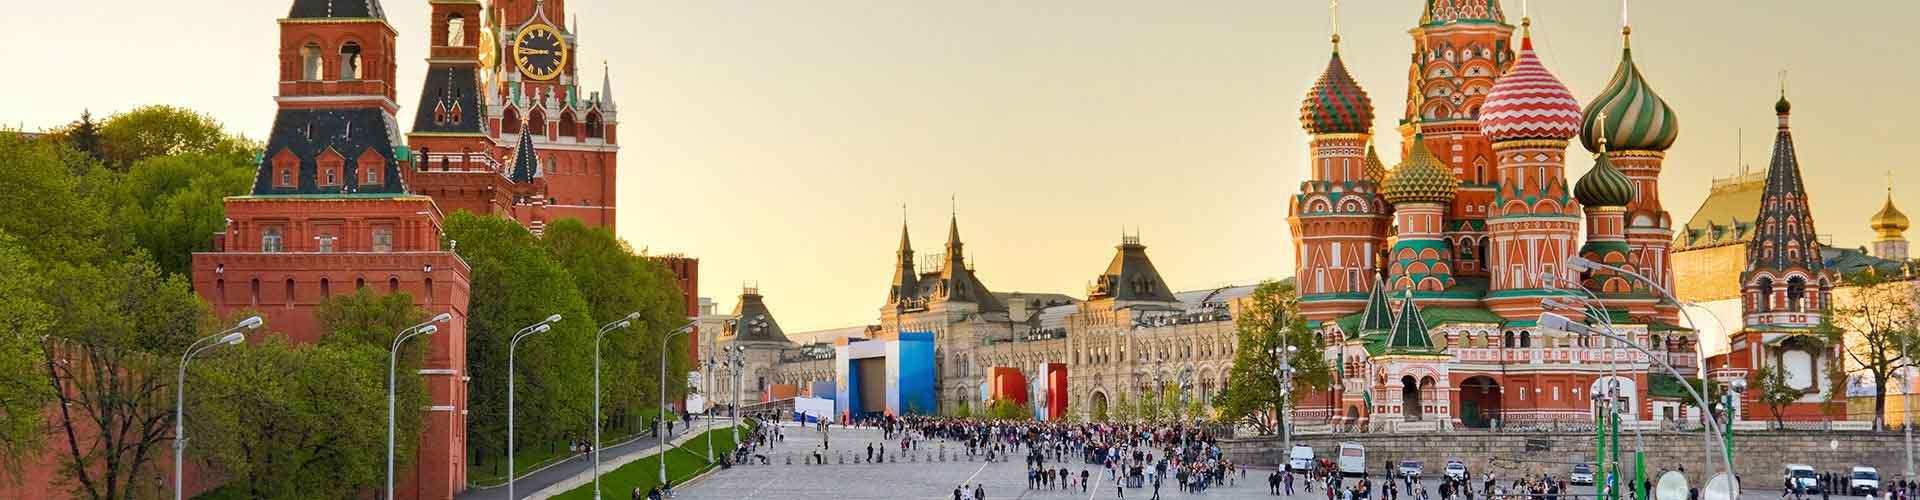 莫斯科 – 莫斯科的青年旅舍。莫斯科地图,莫斯科每间青年旅舍的照片和评价。